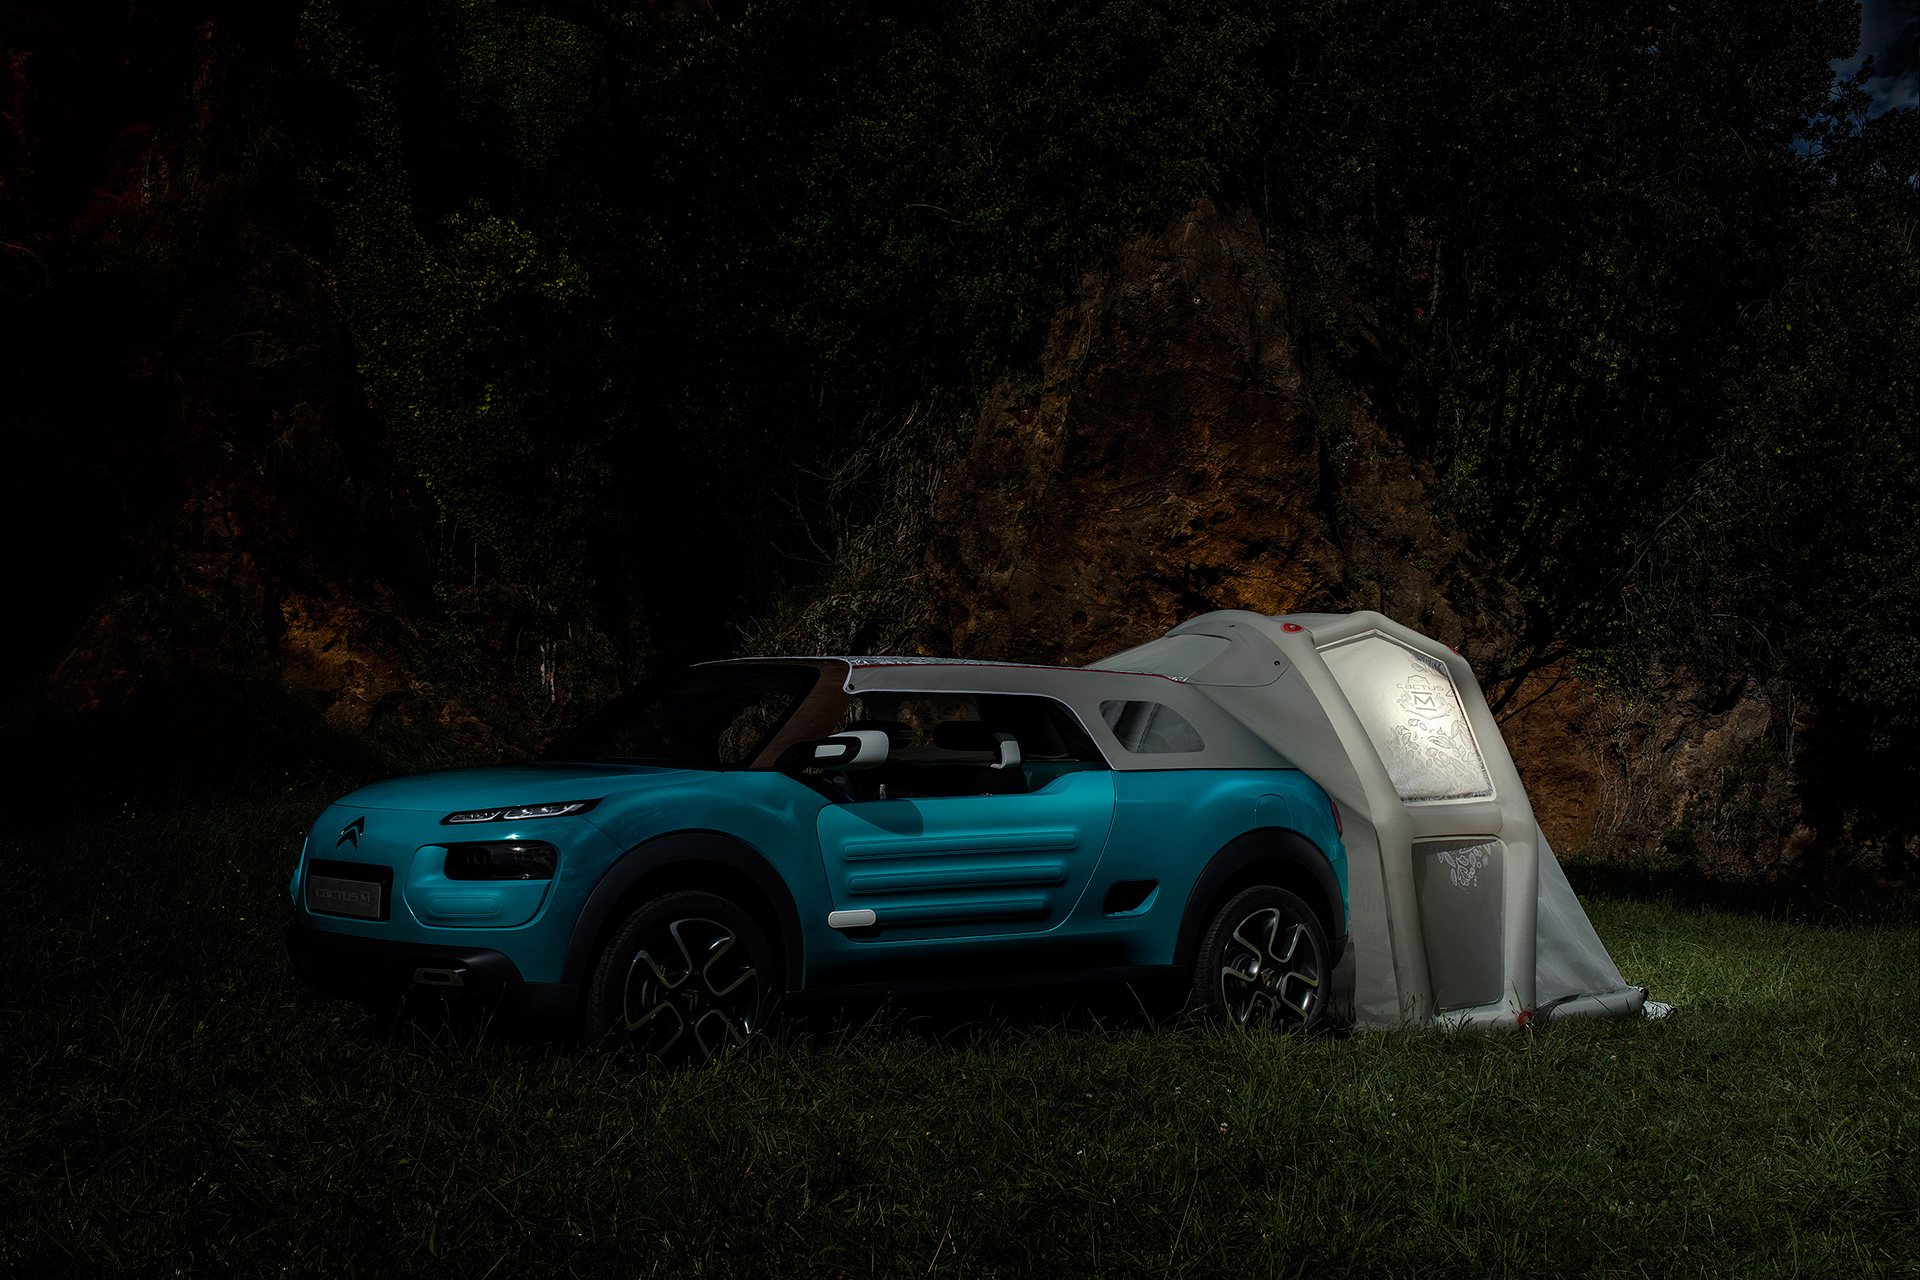 Citroën Cactus M concept - 2015 - night